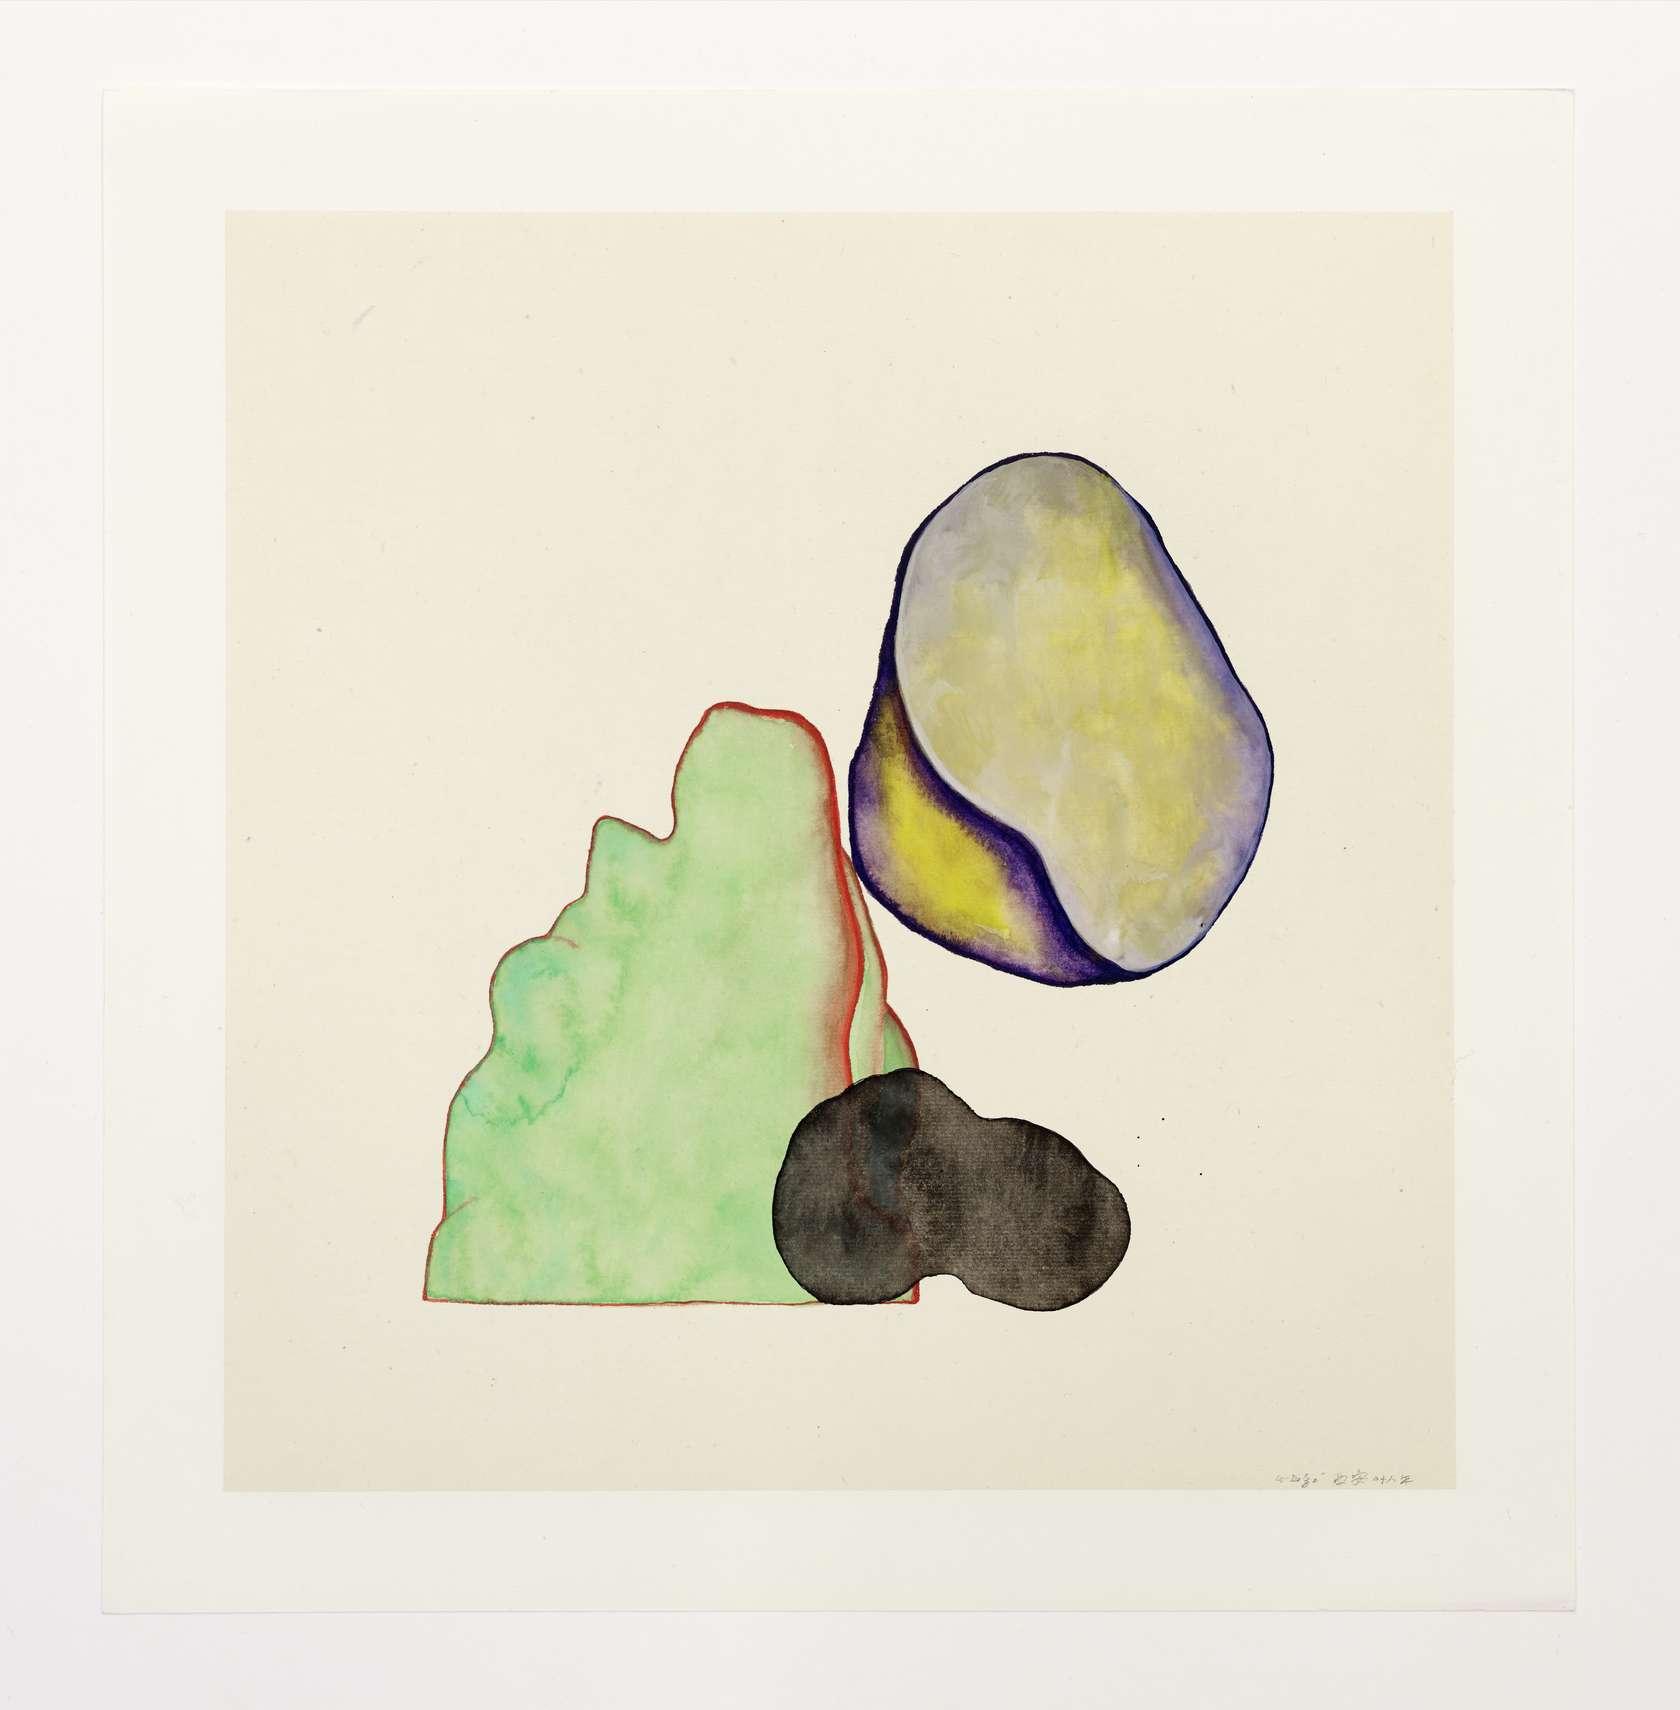 Guillaume Dégé, Sans titre, 2018 Gouache sur papier chinois contrecollé sur toile32.5 x 31 cm / 12 6/8 x 12 2/8 inches